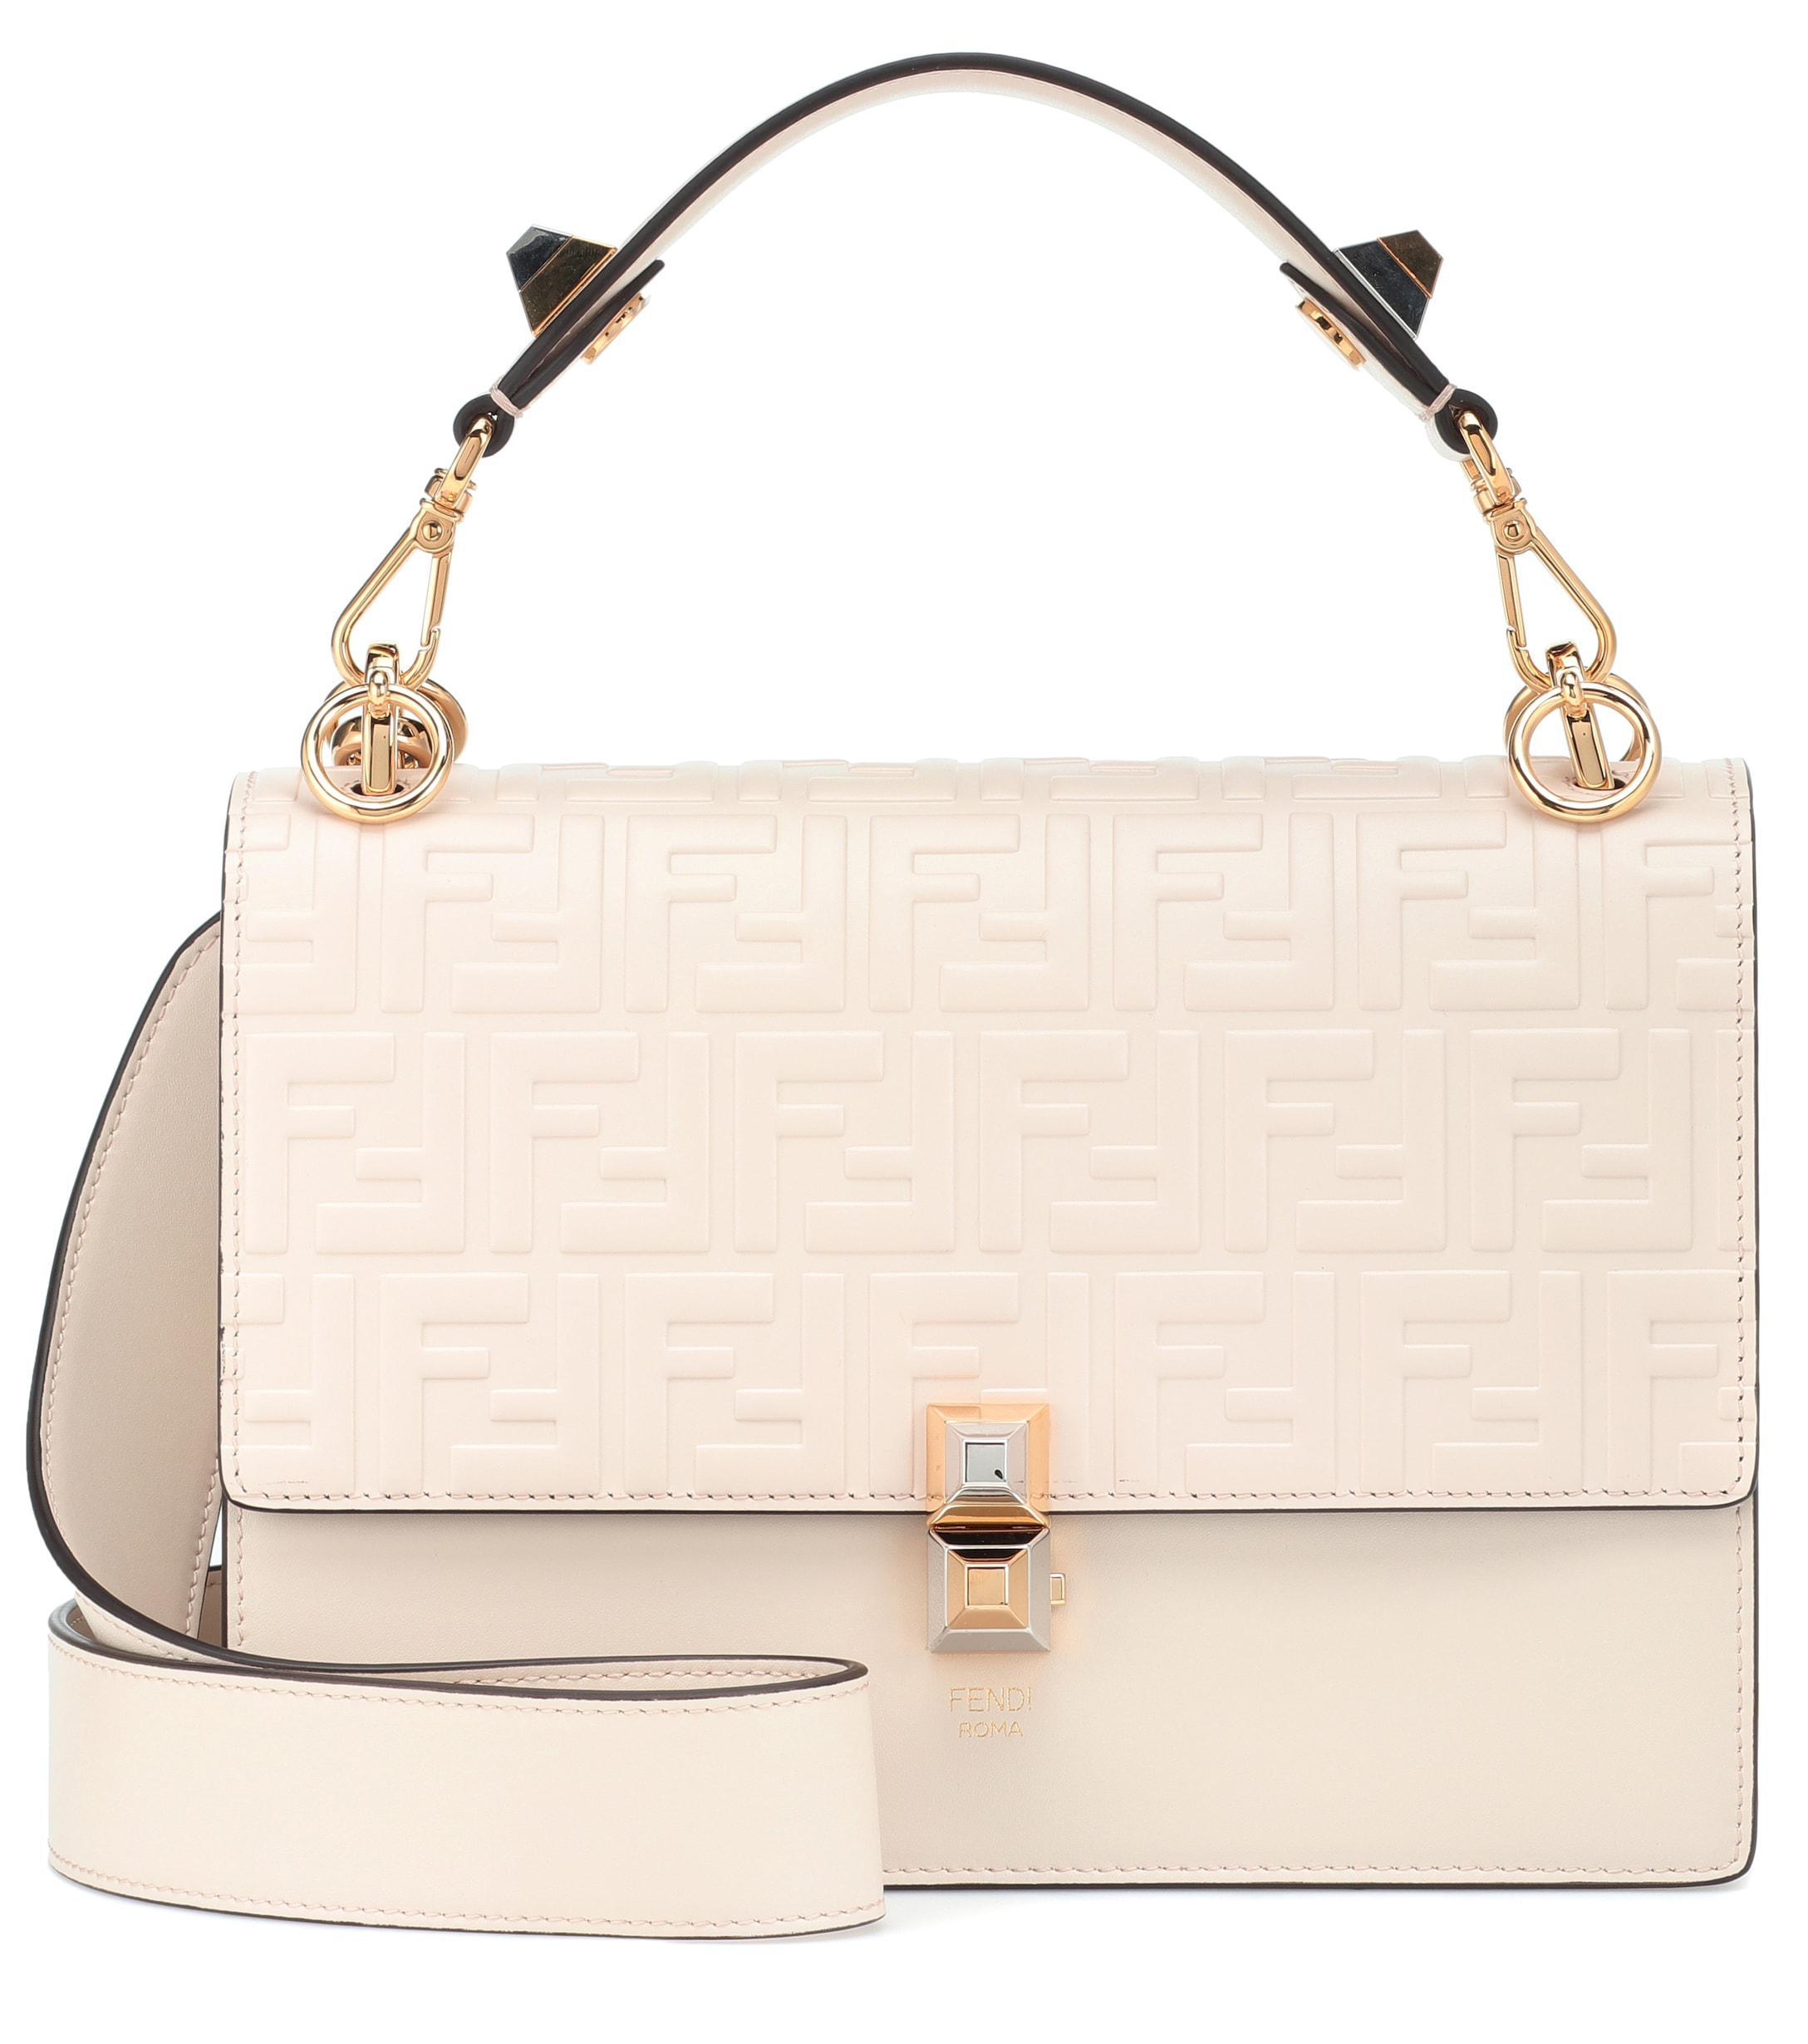 1ef49ad35c8 Fendi Kan I Medium Leather Shoulder Bag in Natural - Lyst